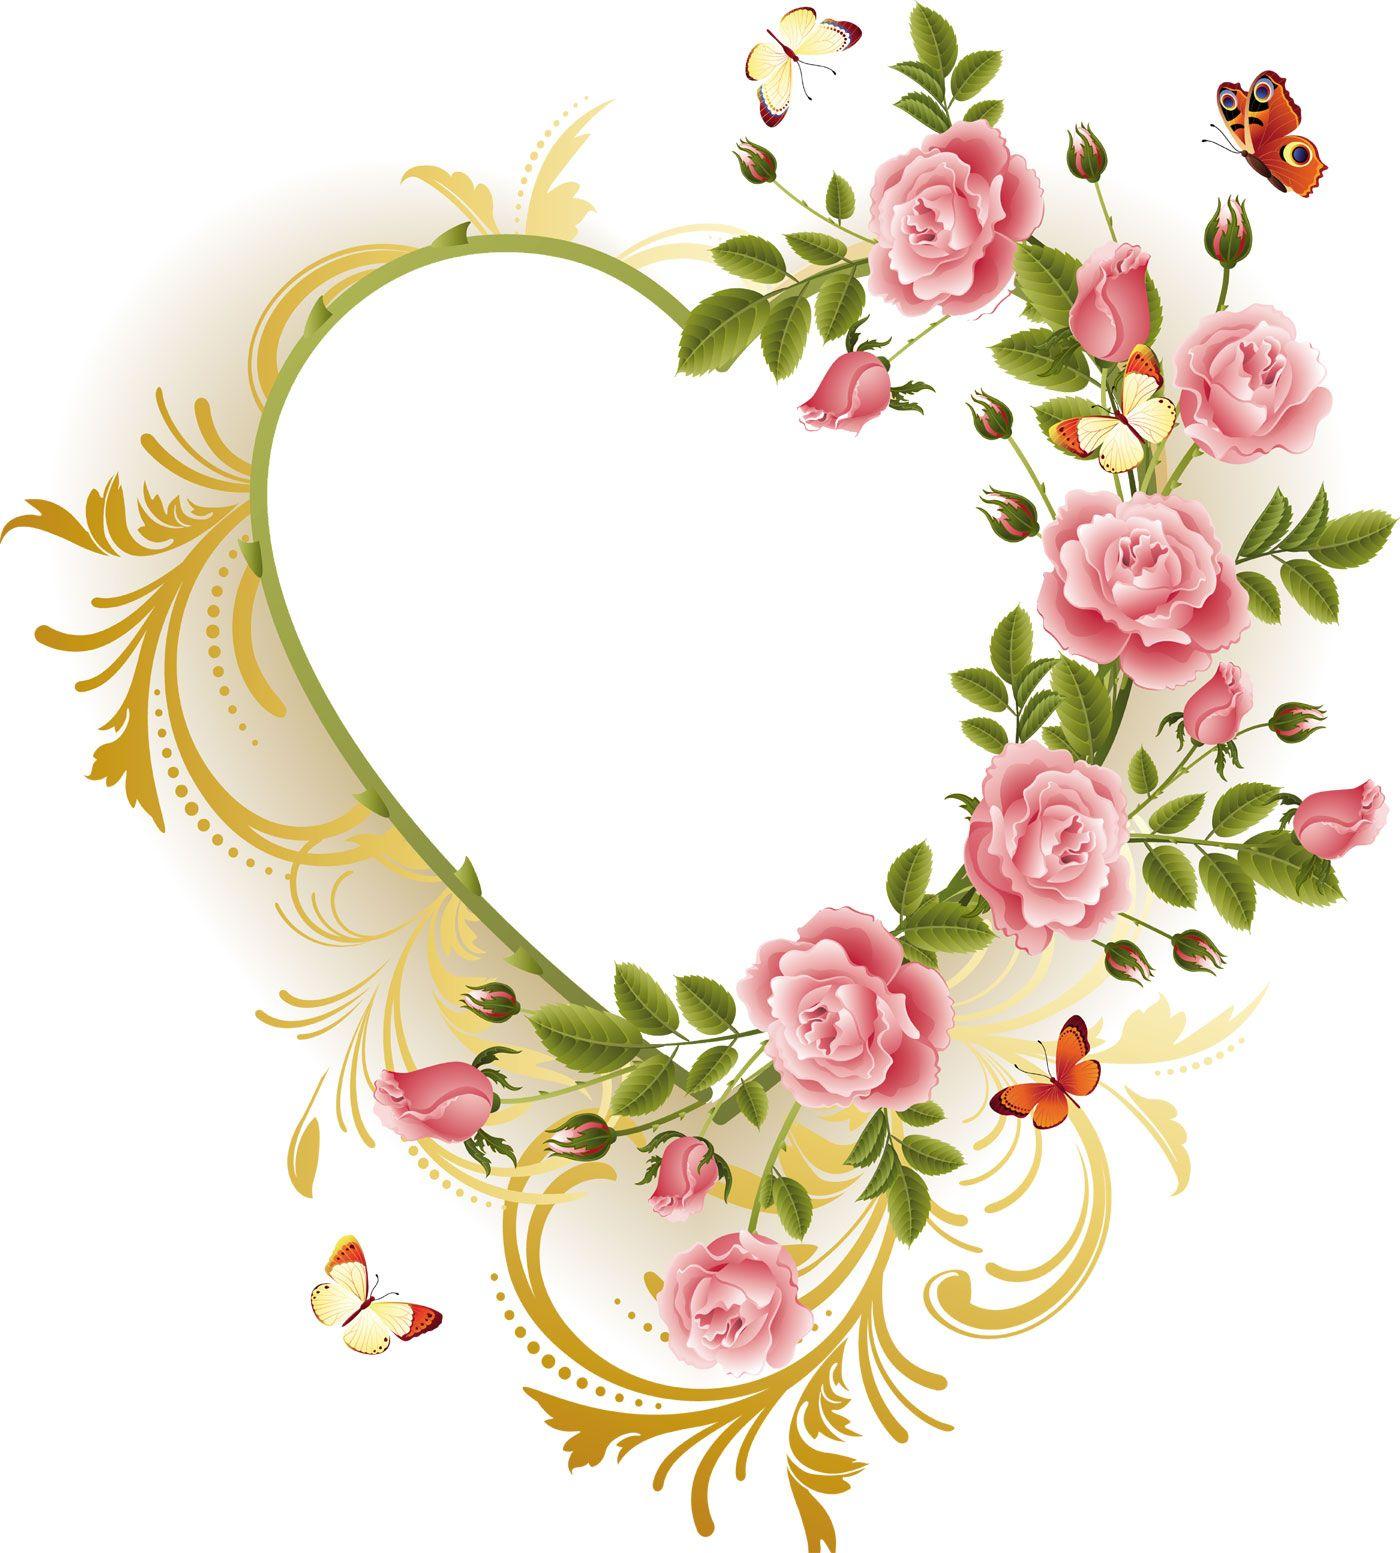 ハートマークの見本 ピンクのバラ ハート 機械刺繍デザイン ピンクのバラ ヴィンテージ刺繍